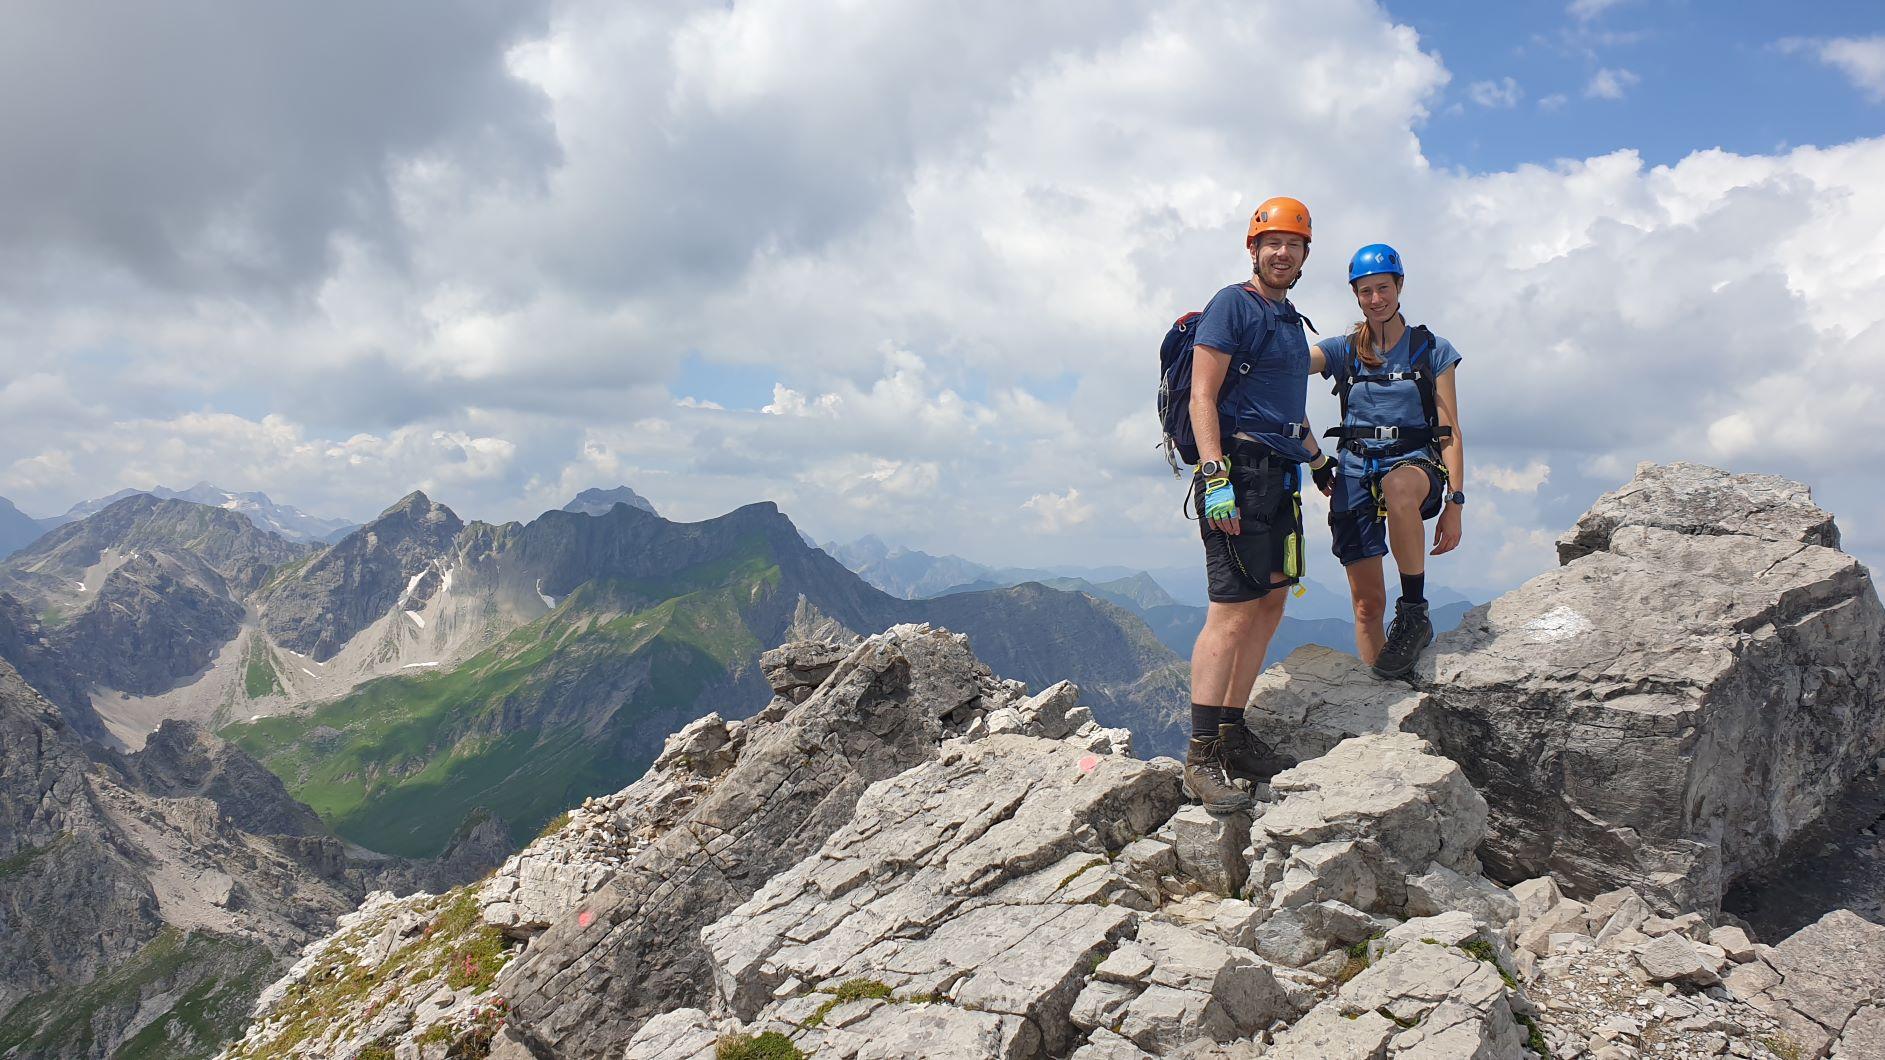 Hoch oben auf dem Mindelheimer Klettersteig